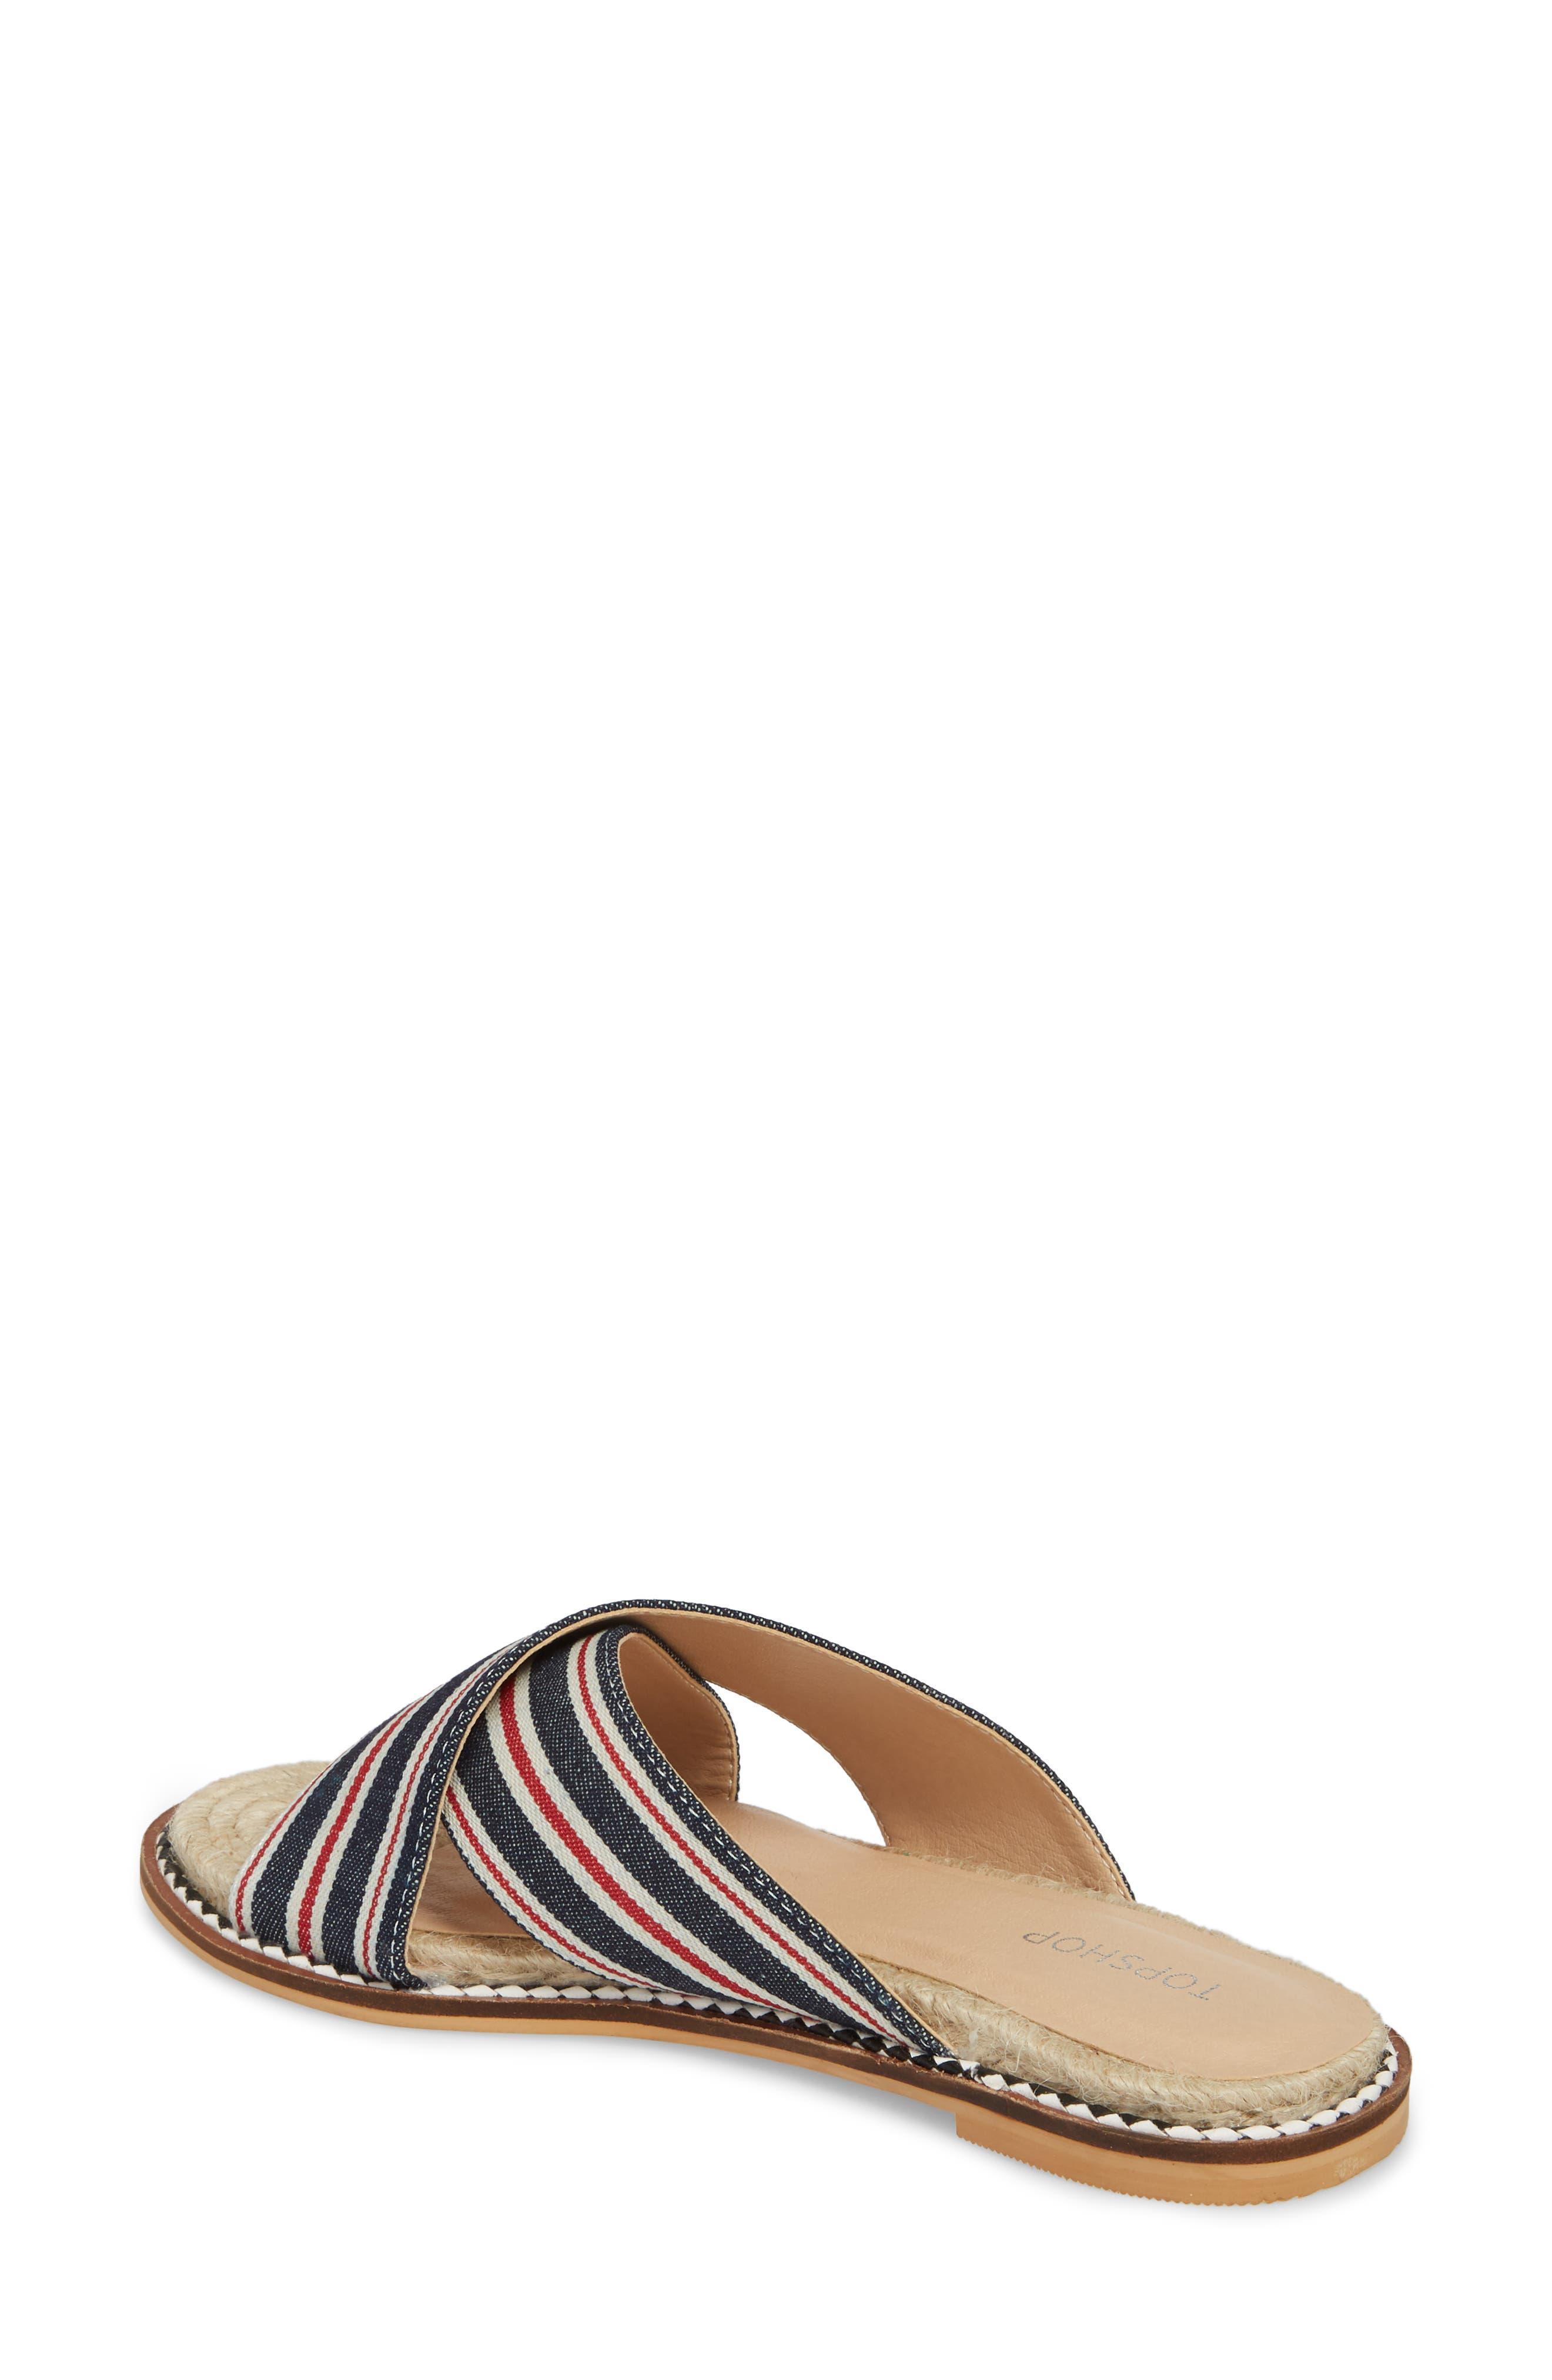 Hibiscus Slide Sandal,                             Alternate thumbnail 2, color,                             Navy Blue Multi